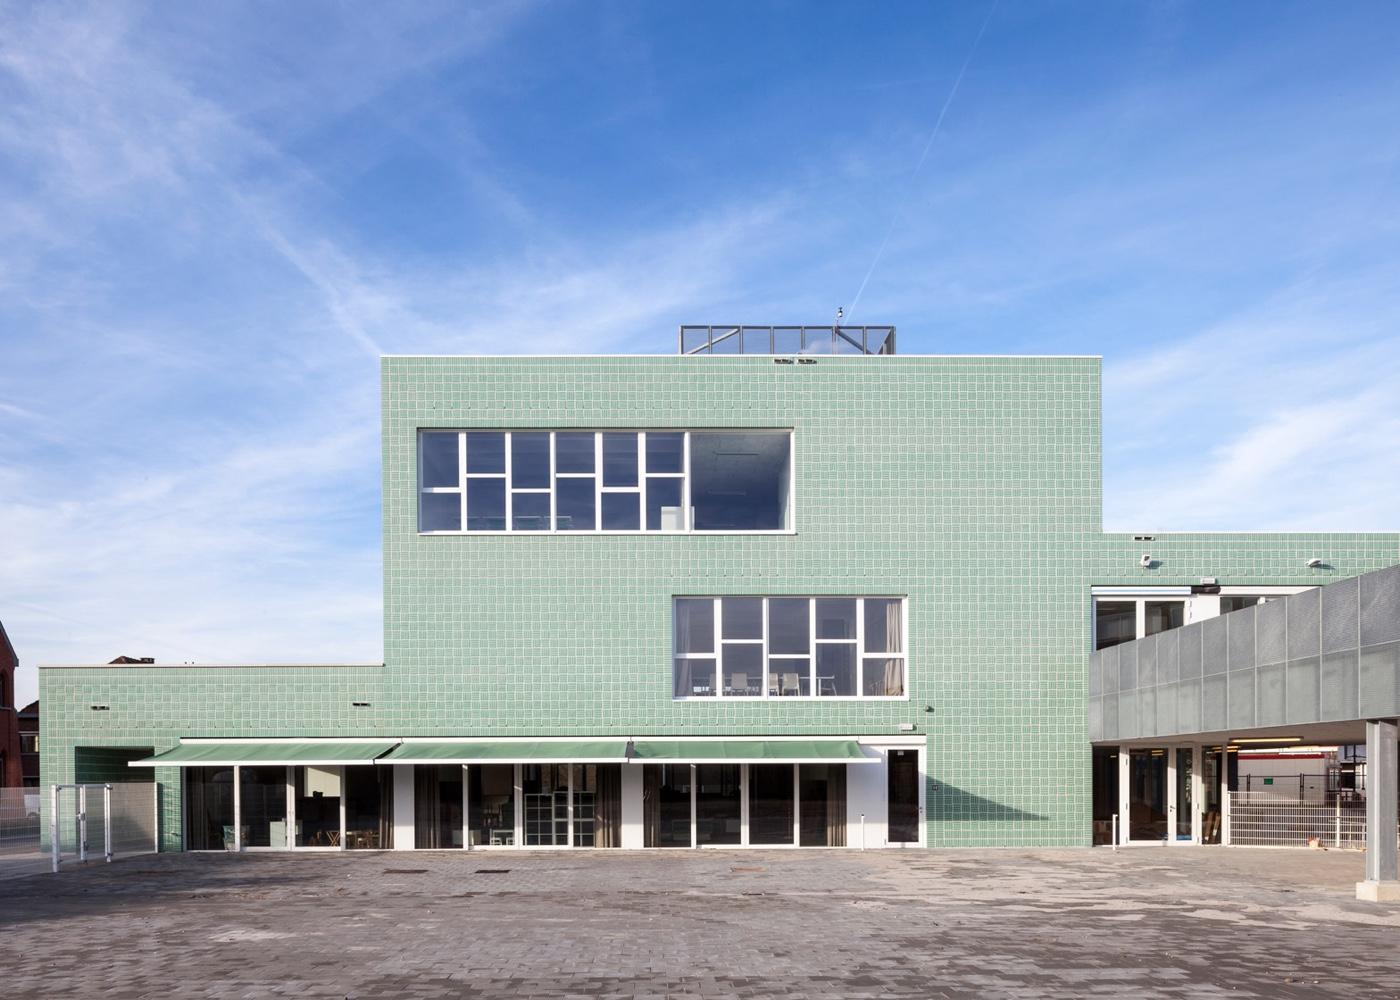 Primary school block in Belgium town of Boom, designed by Areal Architecten.